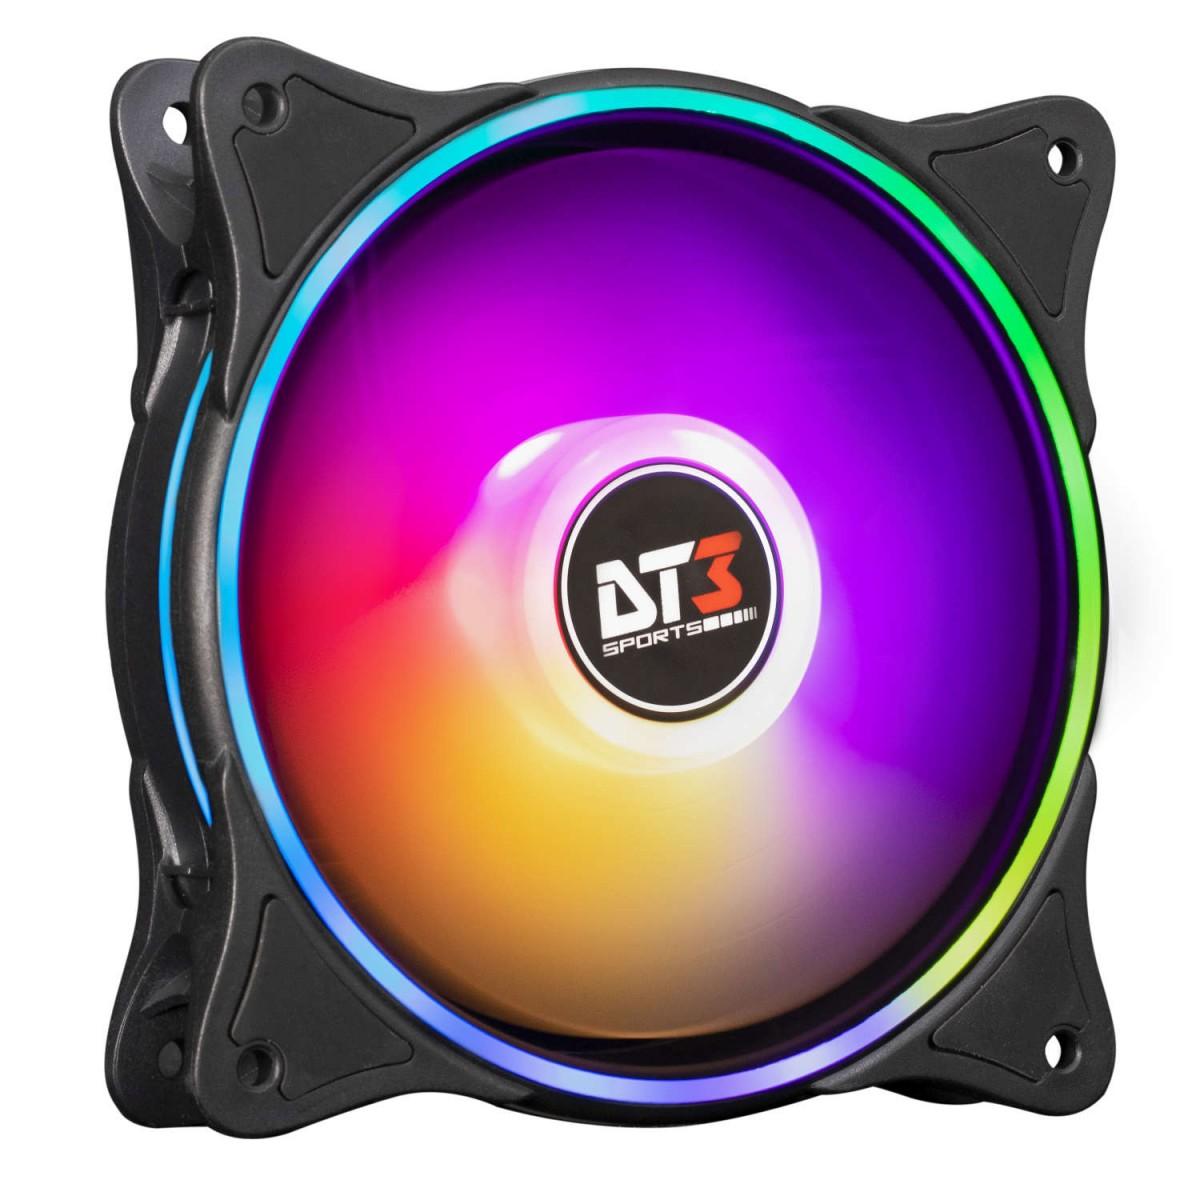 Kit Fan com 3 Unidades DT3Sports ZX120 Trio, LED RGB 120mm, com Controlador